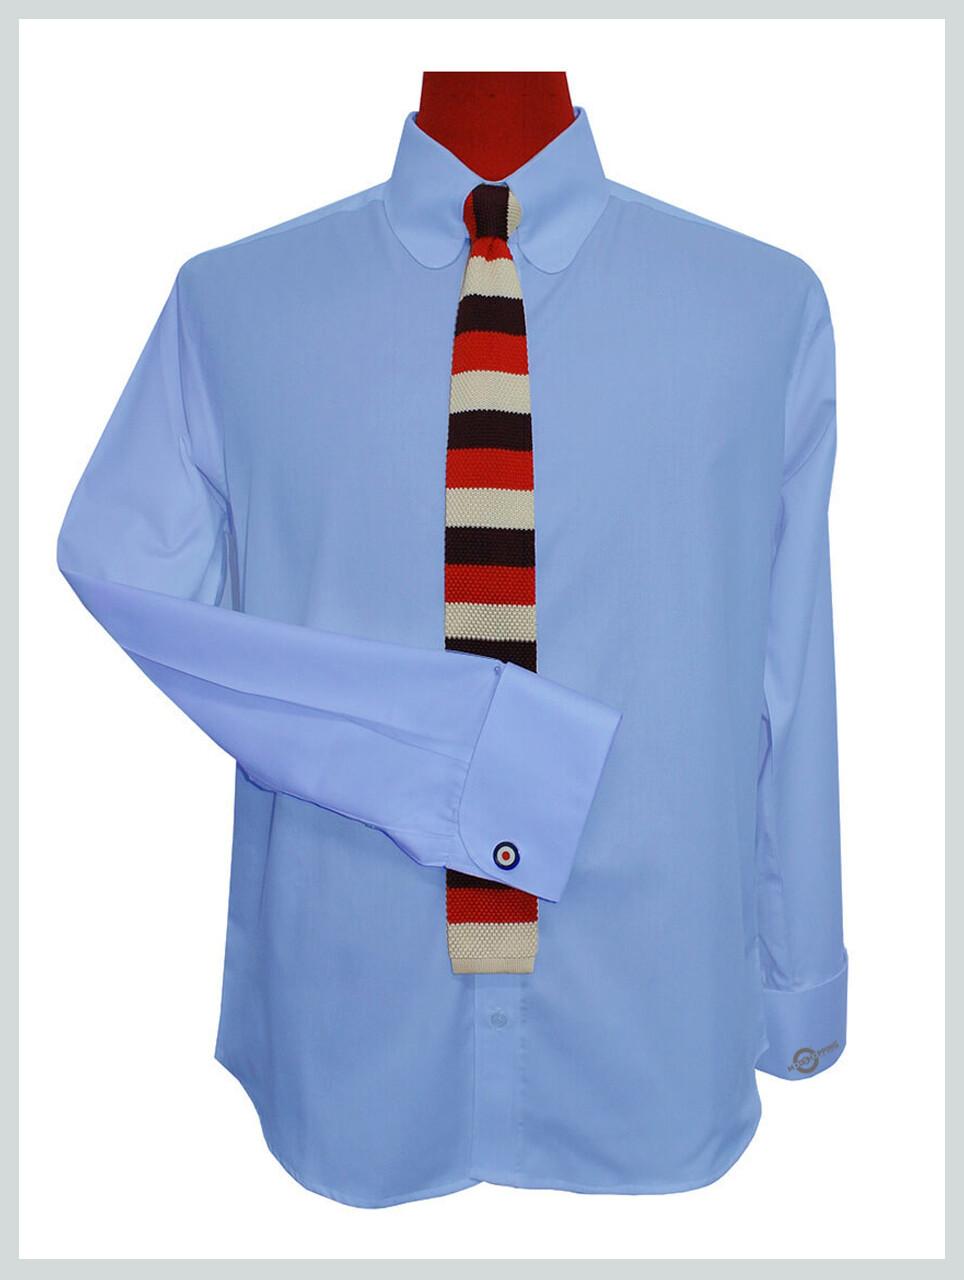 Tab Collar Shirt| Tailor Made Sky Colour Tab Collar Shirt Uk